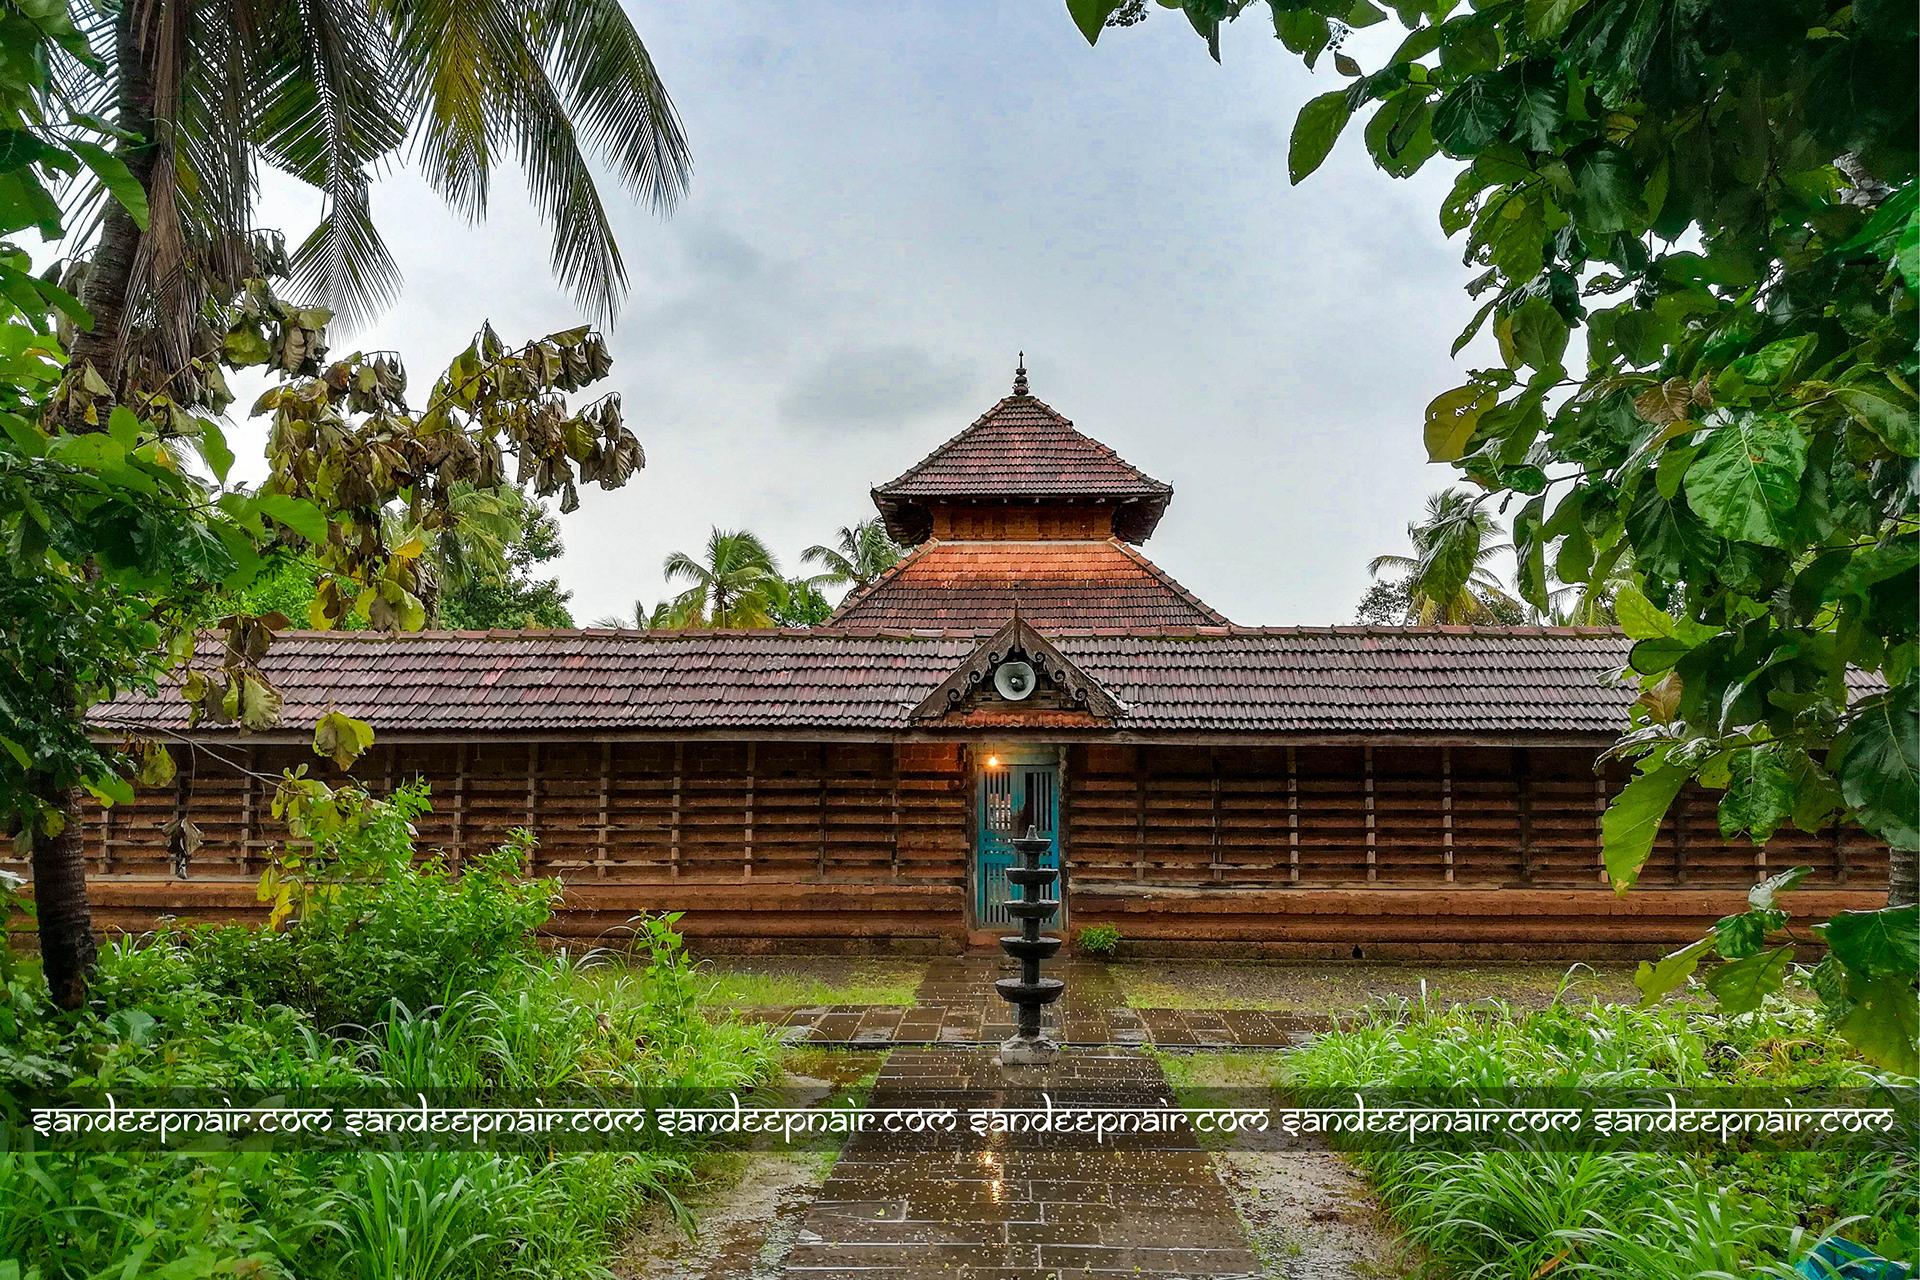 The Mohini Temple in Kerala